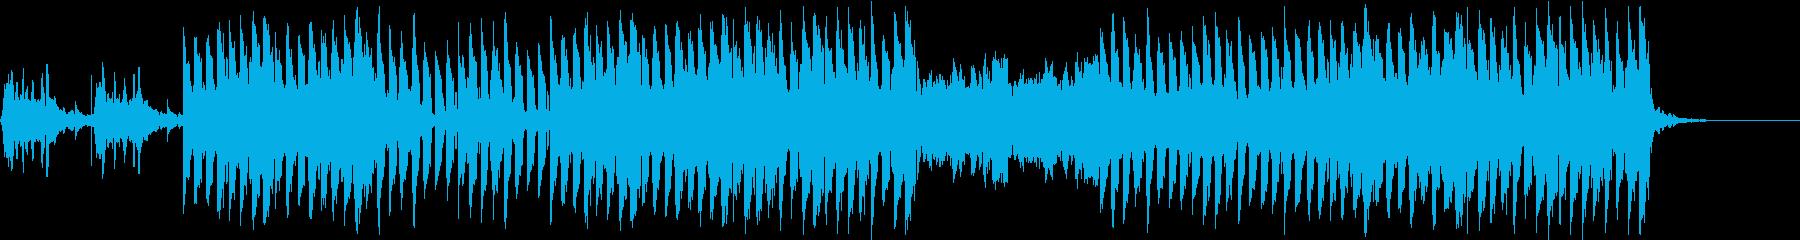 おしゃれ・モダン・EDMの再生済みの波形